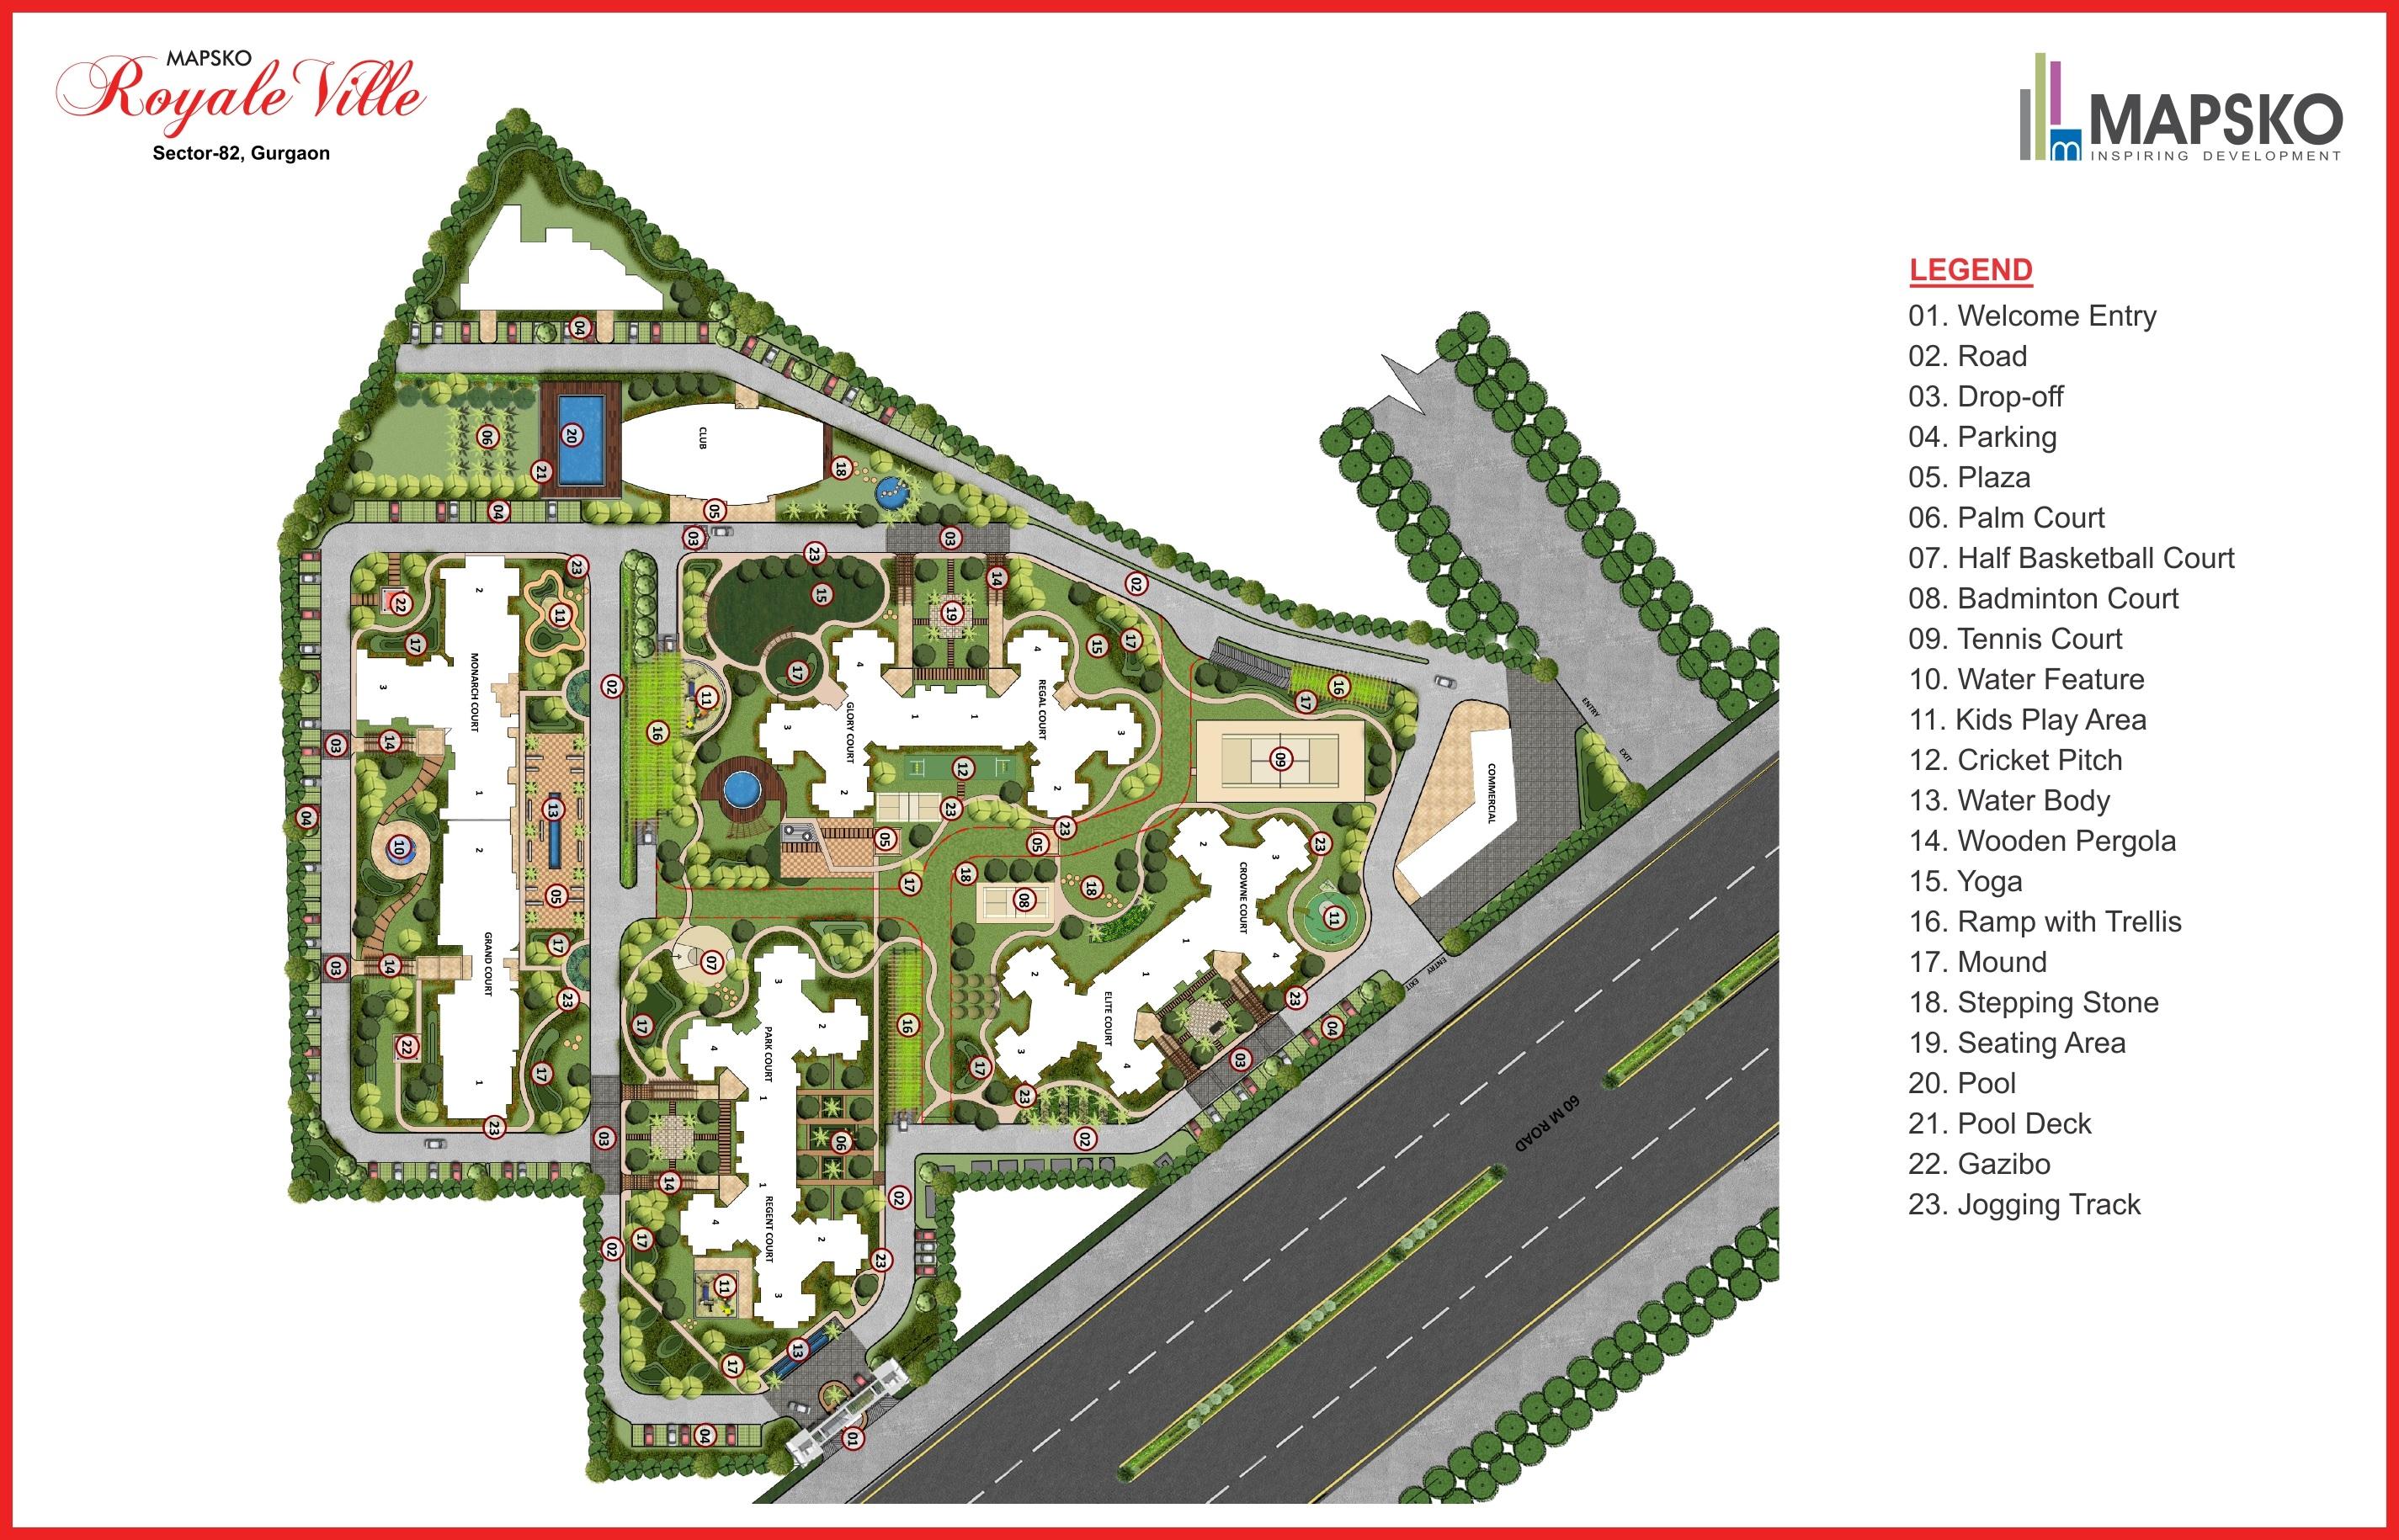 mapsko royale ville master plan image8